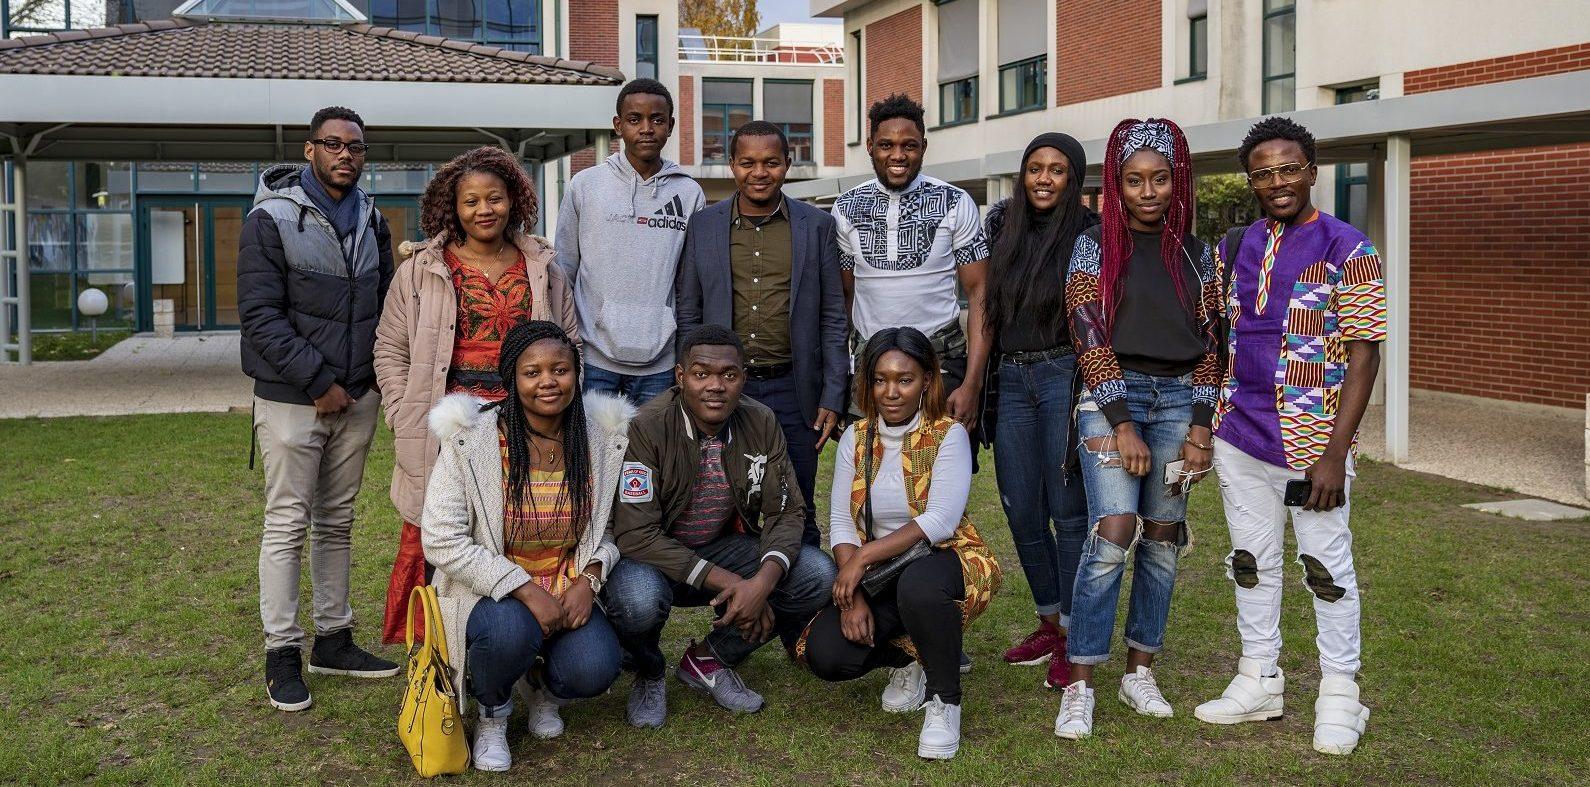 Integration - Candidats internationaux - etudiants etrangers - Efrei Paris - Ecole d'ingénieur informatique